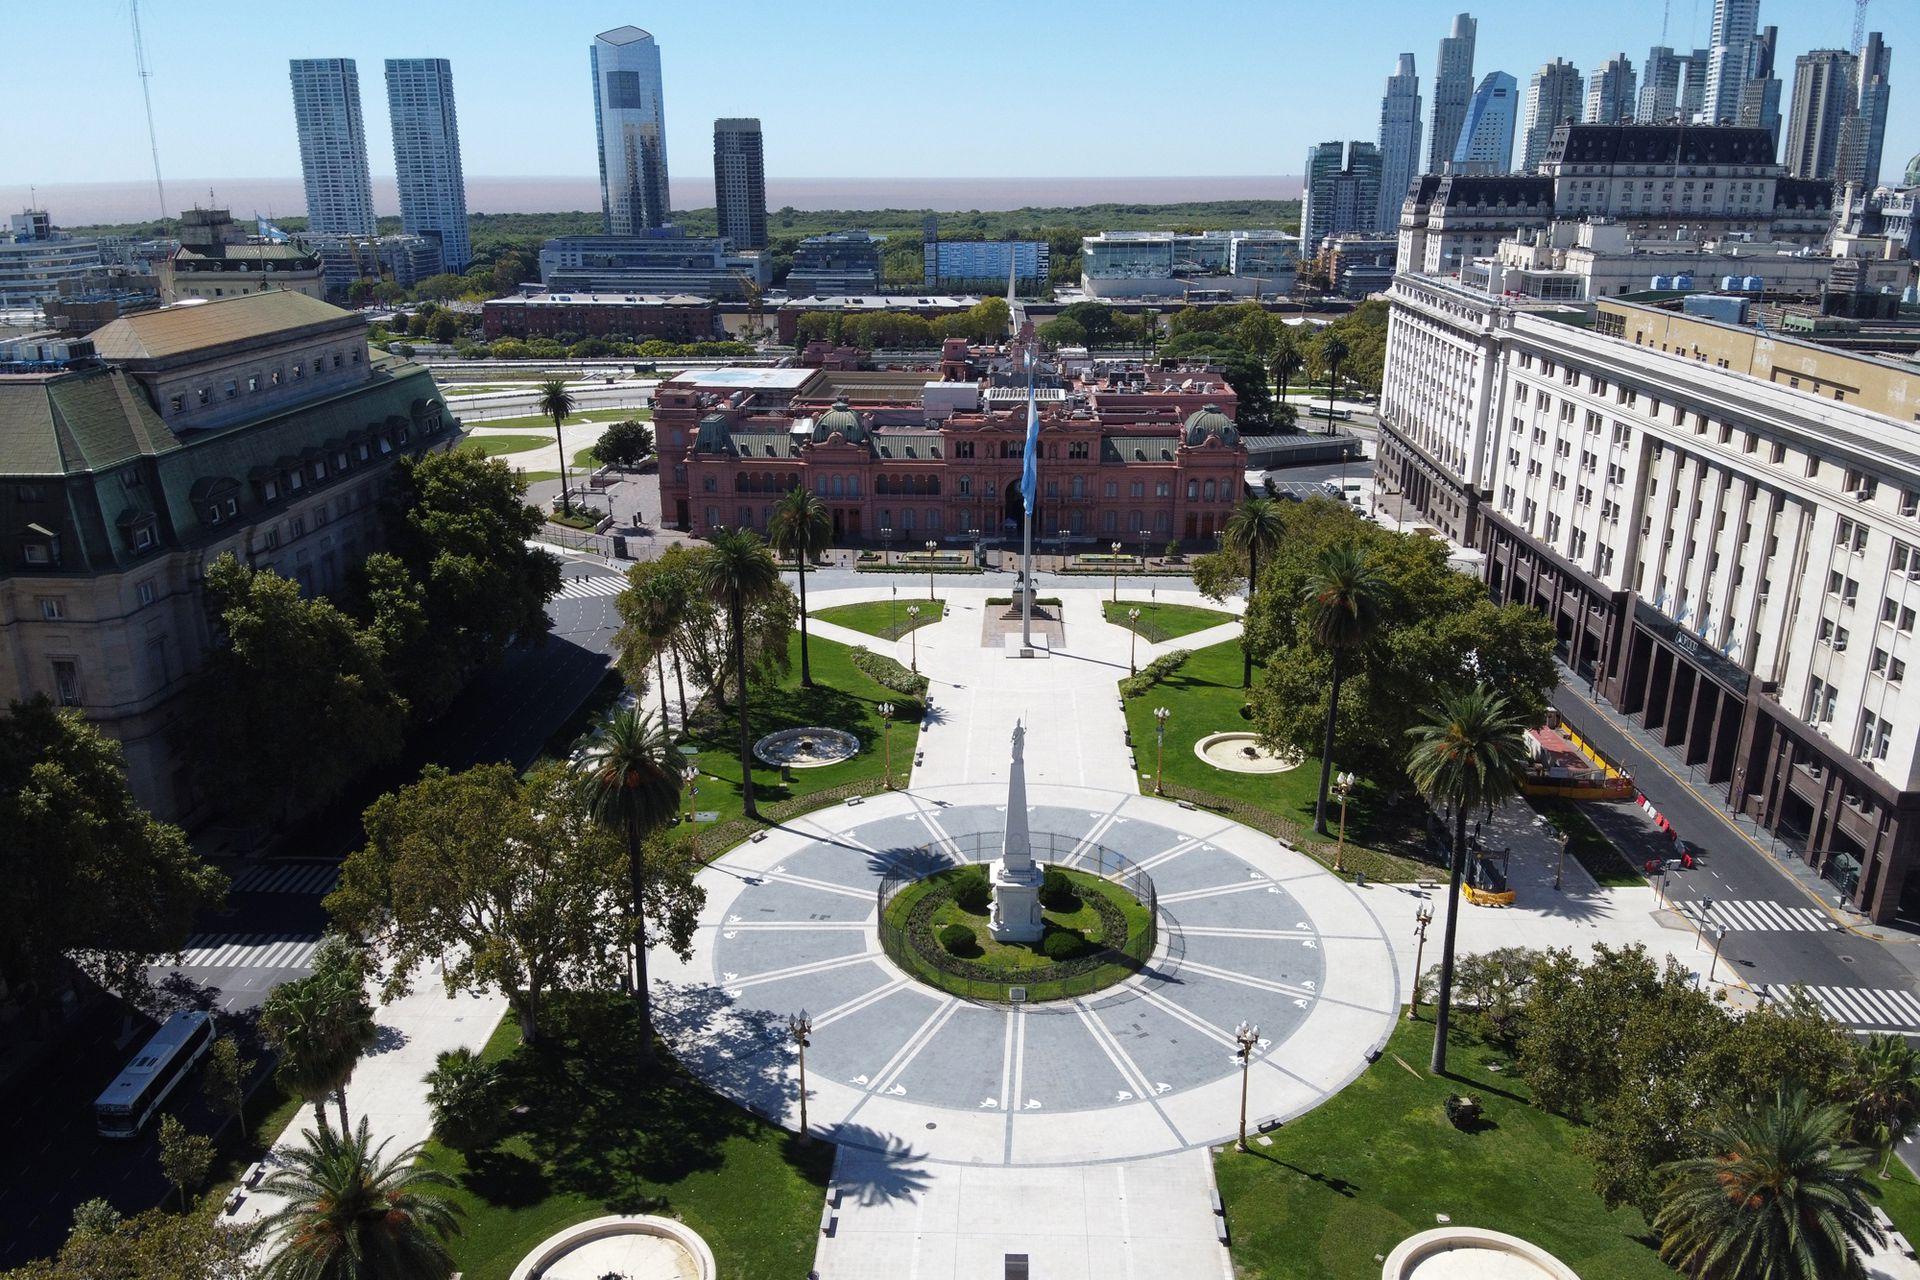 Vista de la plaza de Mayo en la ciudad de Buenos Aires